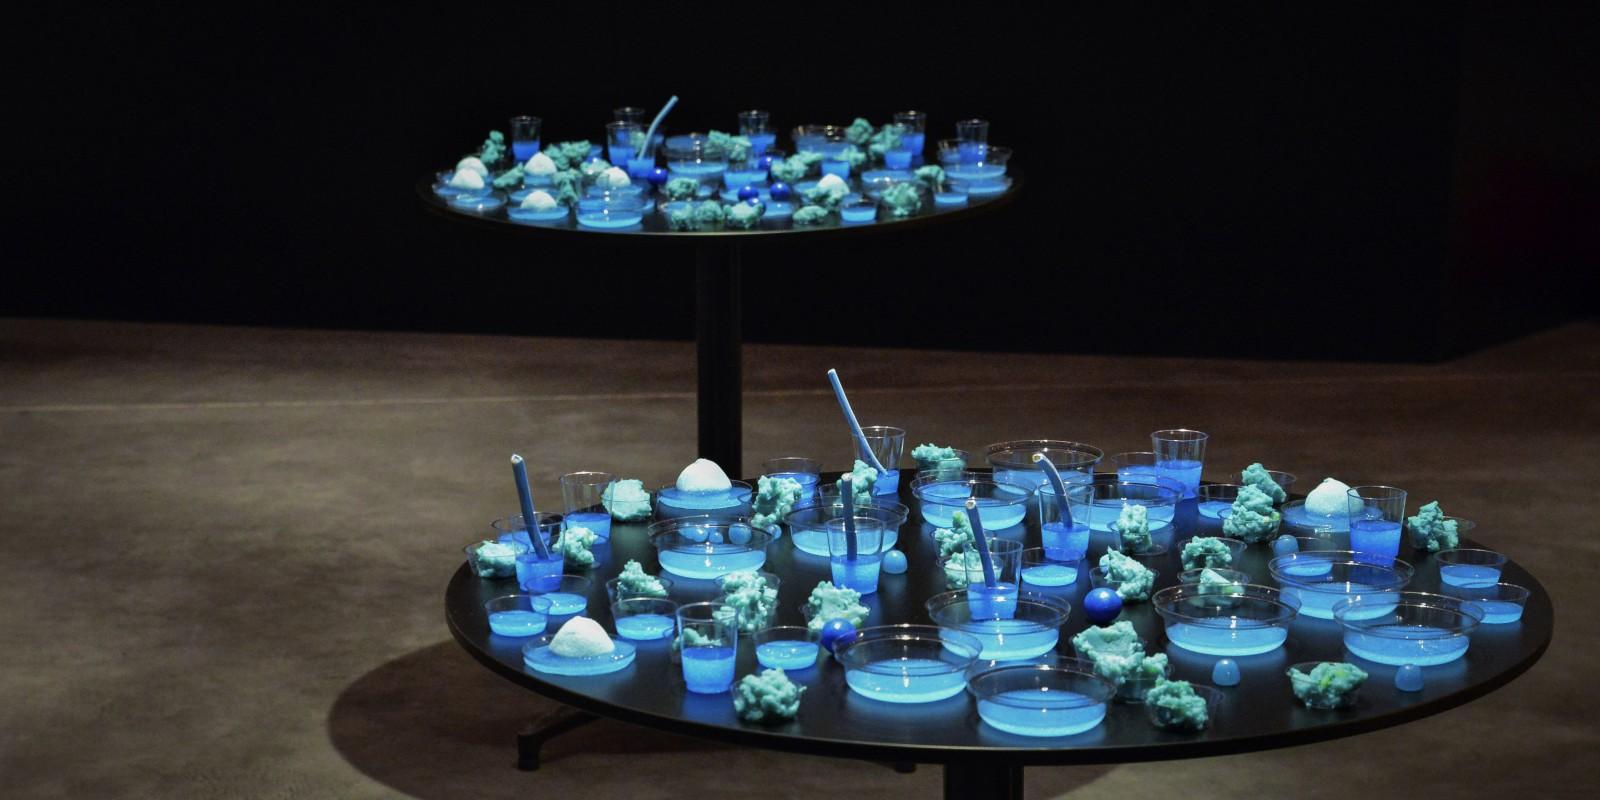 Laurent Duthion, Nuancier, 2014, création d'un « nuancier olfacto-gustatif monochrome » à l'occasion de la Nuit des 4 Jeudis, le 30 janvier 2014, Frac Bretagne, Rennes.